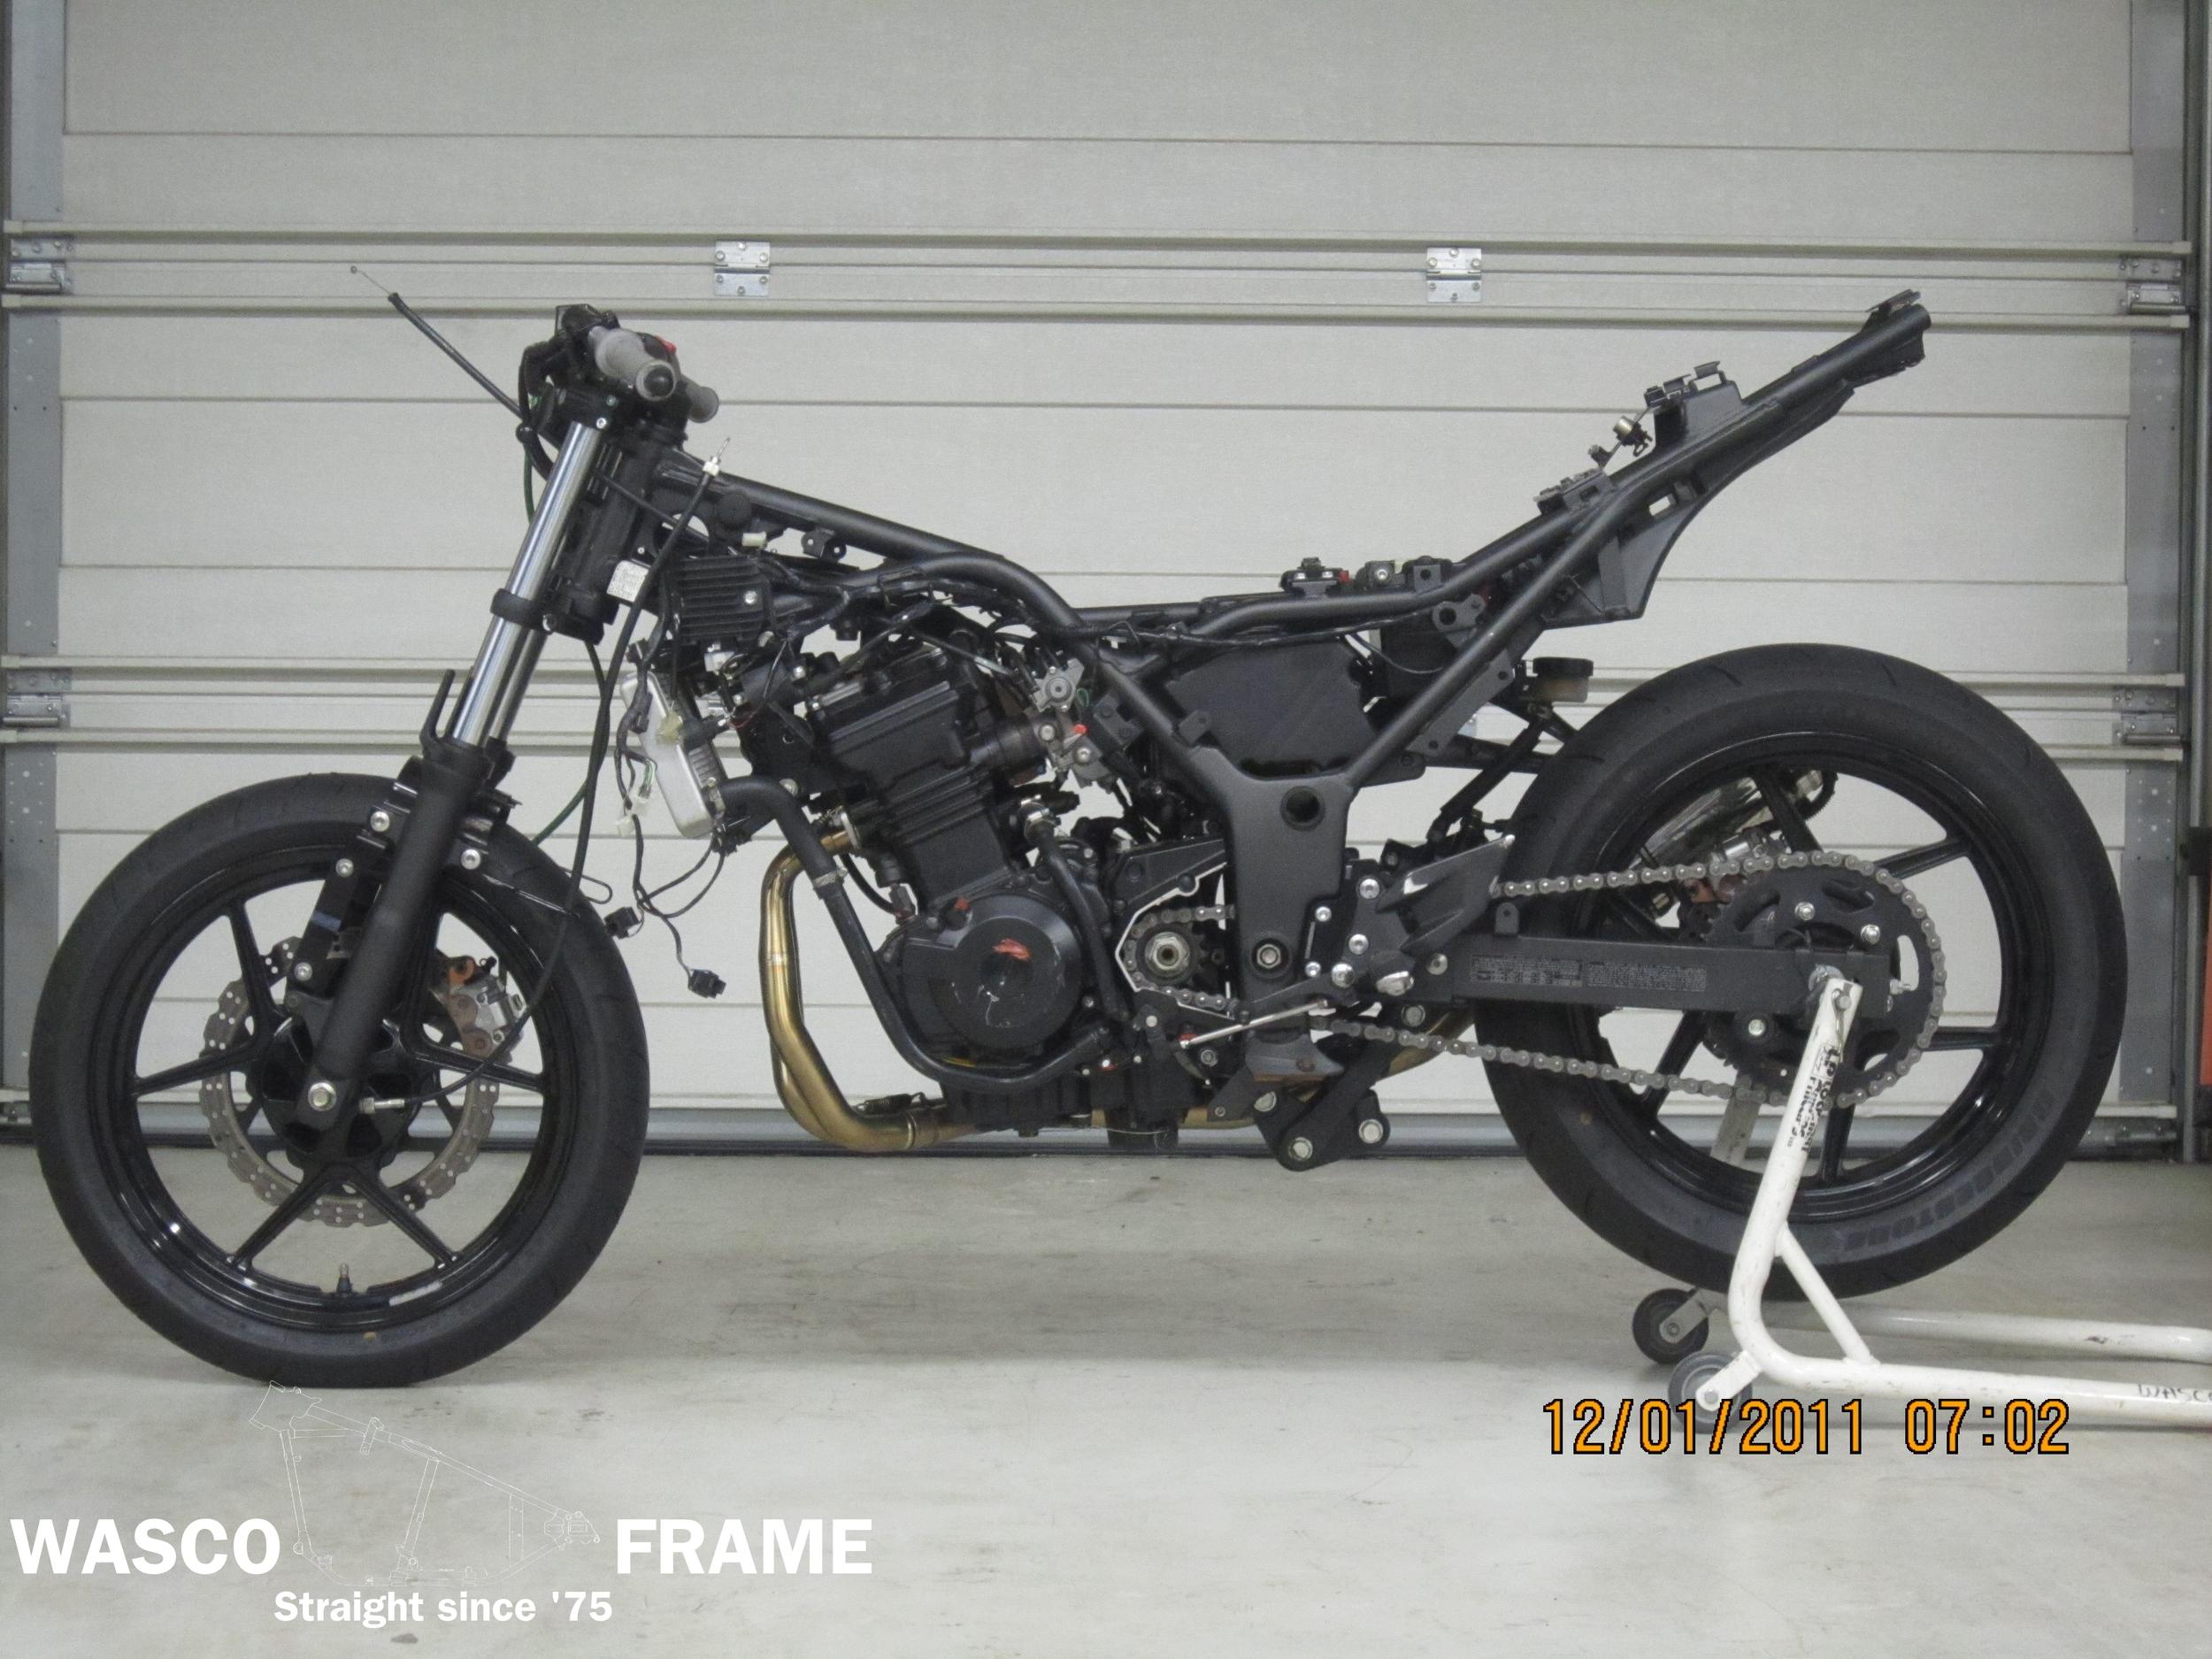 2008-kawasaki-ninja-250-frame.jpg